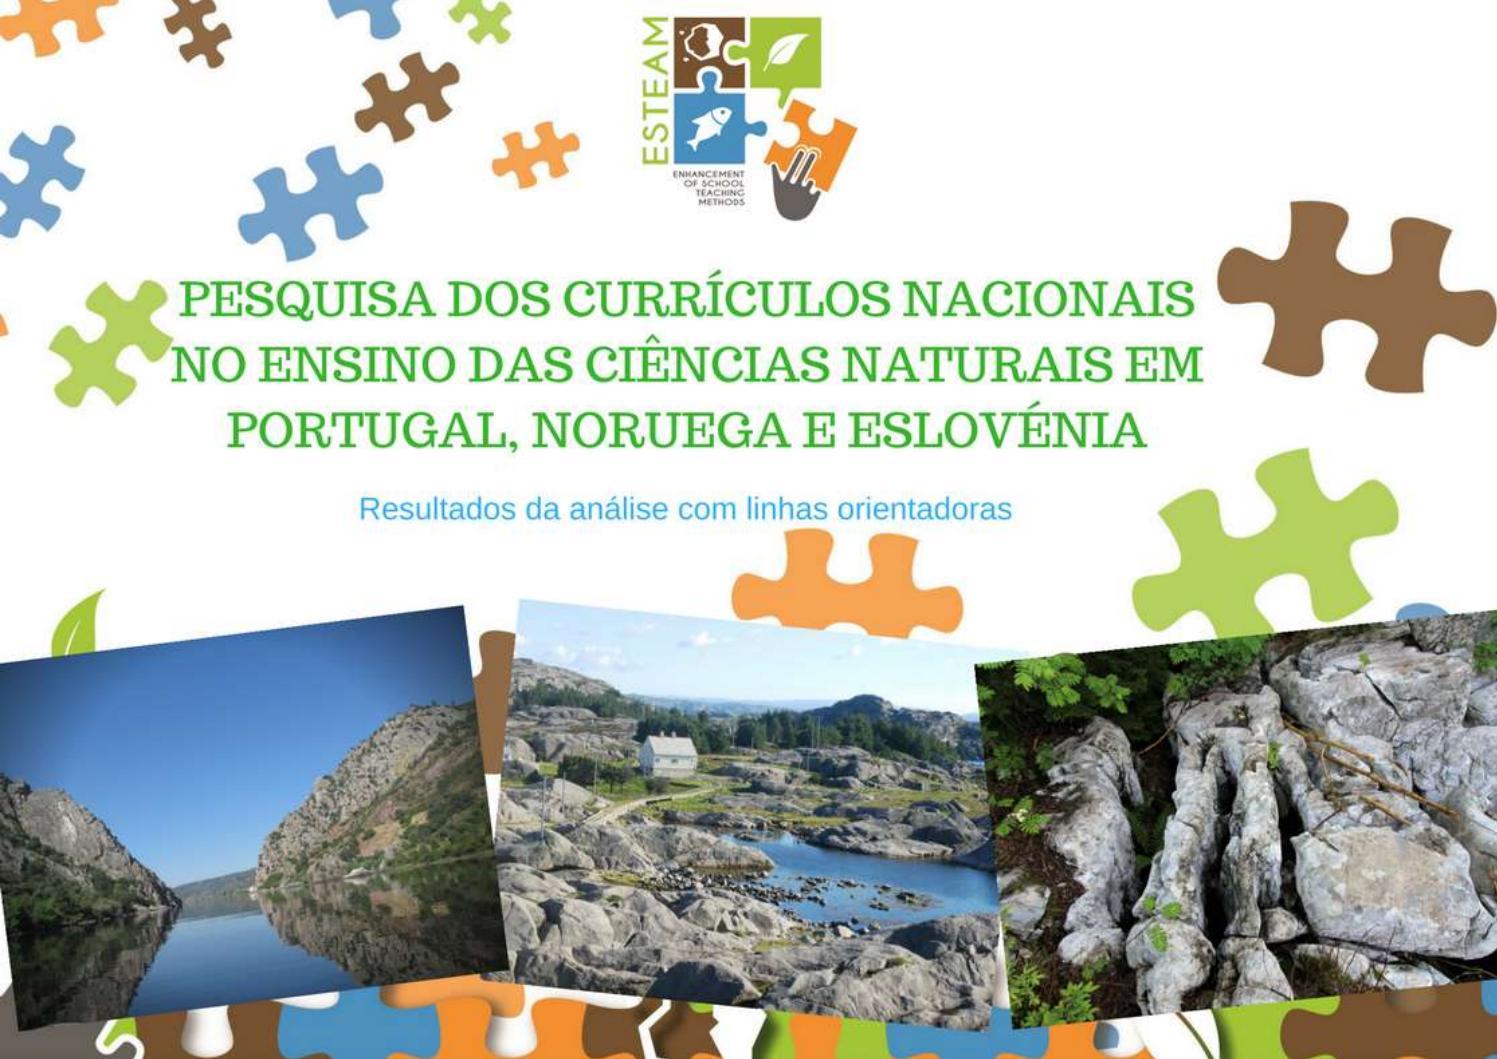 Pesquisa Dos Currículos Nacionais No Ensino Das Ciências